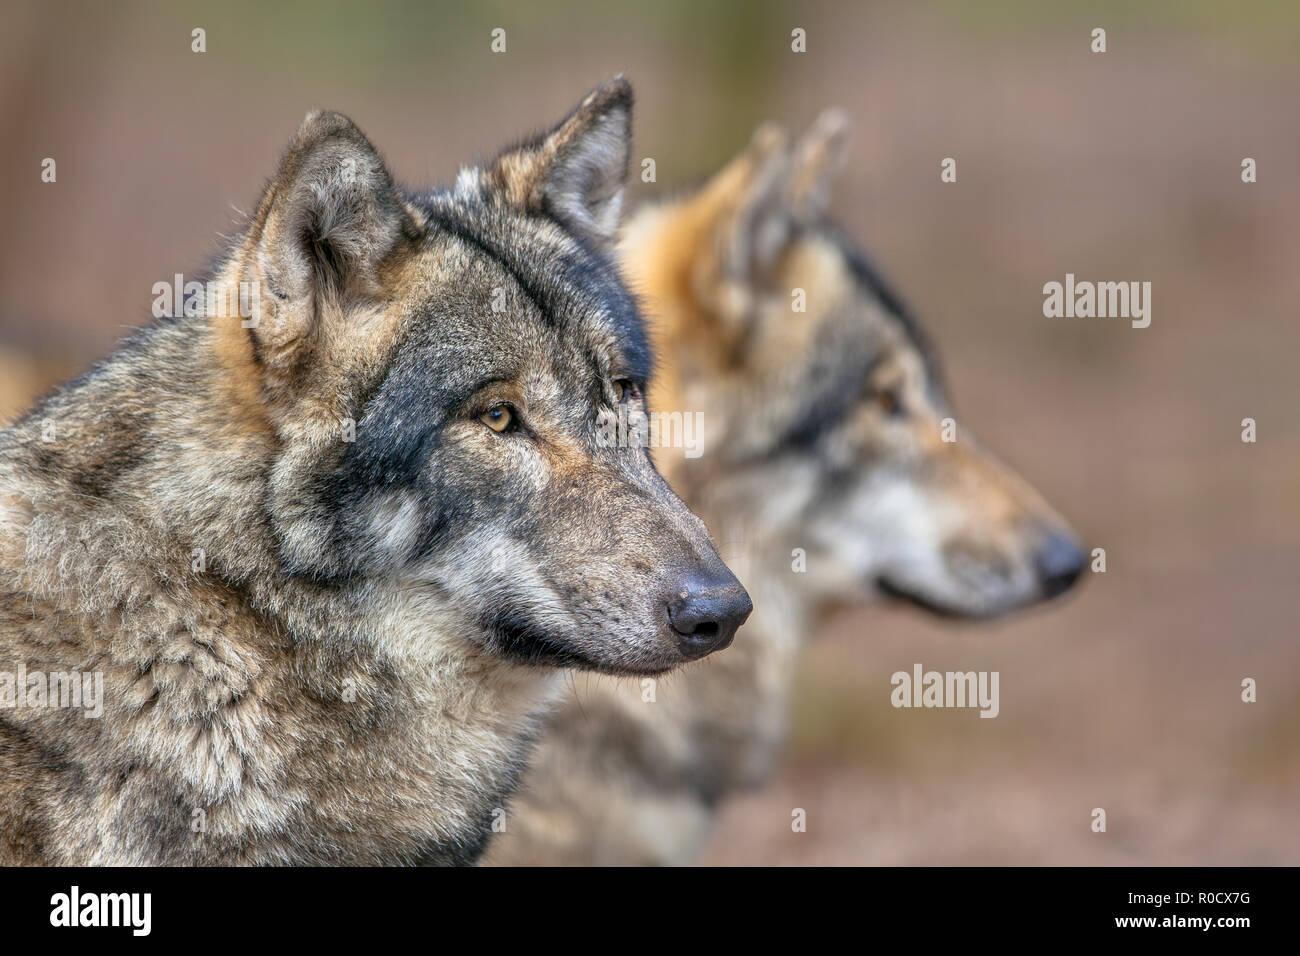 Zwei erholungstagen Eurasischen Graue Wölfe (Canis lupus Lupus). Sie ist die am stärksten spezialisierten Mitglied der Gattung Canis, wie durch seine morphologischen adapta gezeigt Stockbild